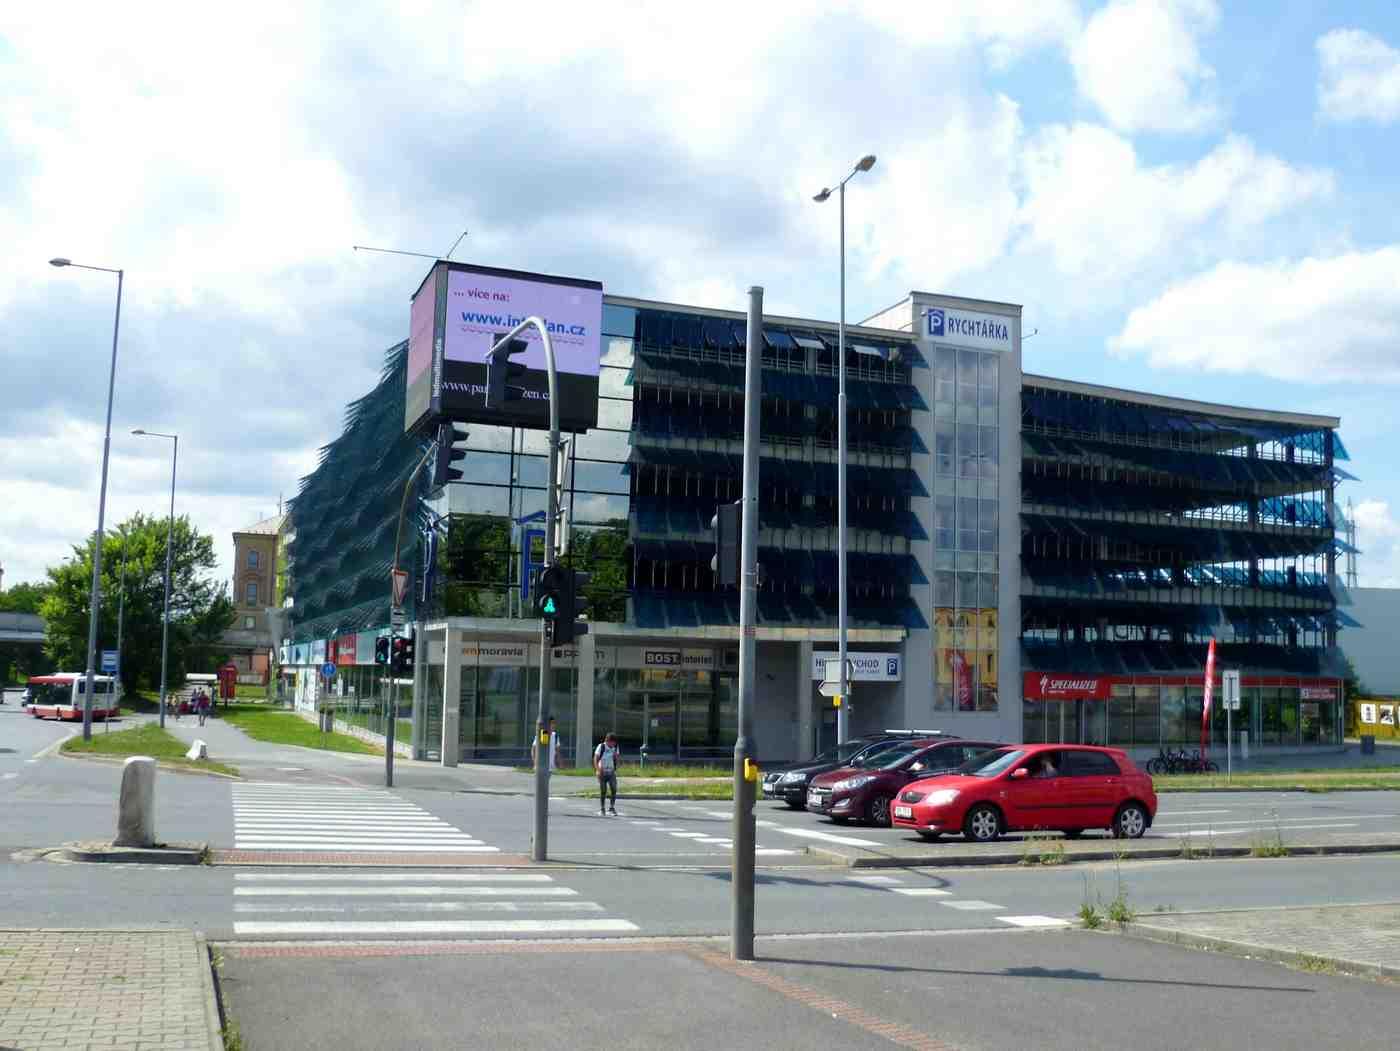 Где припарковаться в Пльзене Пльзень (plzen), Чехия Пльзень (Plzen), Чехия pilsen rychtarka parking